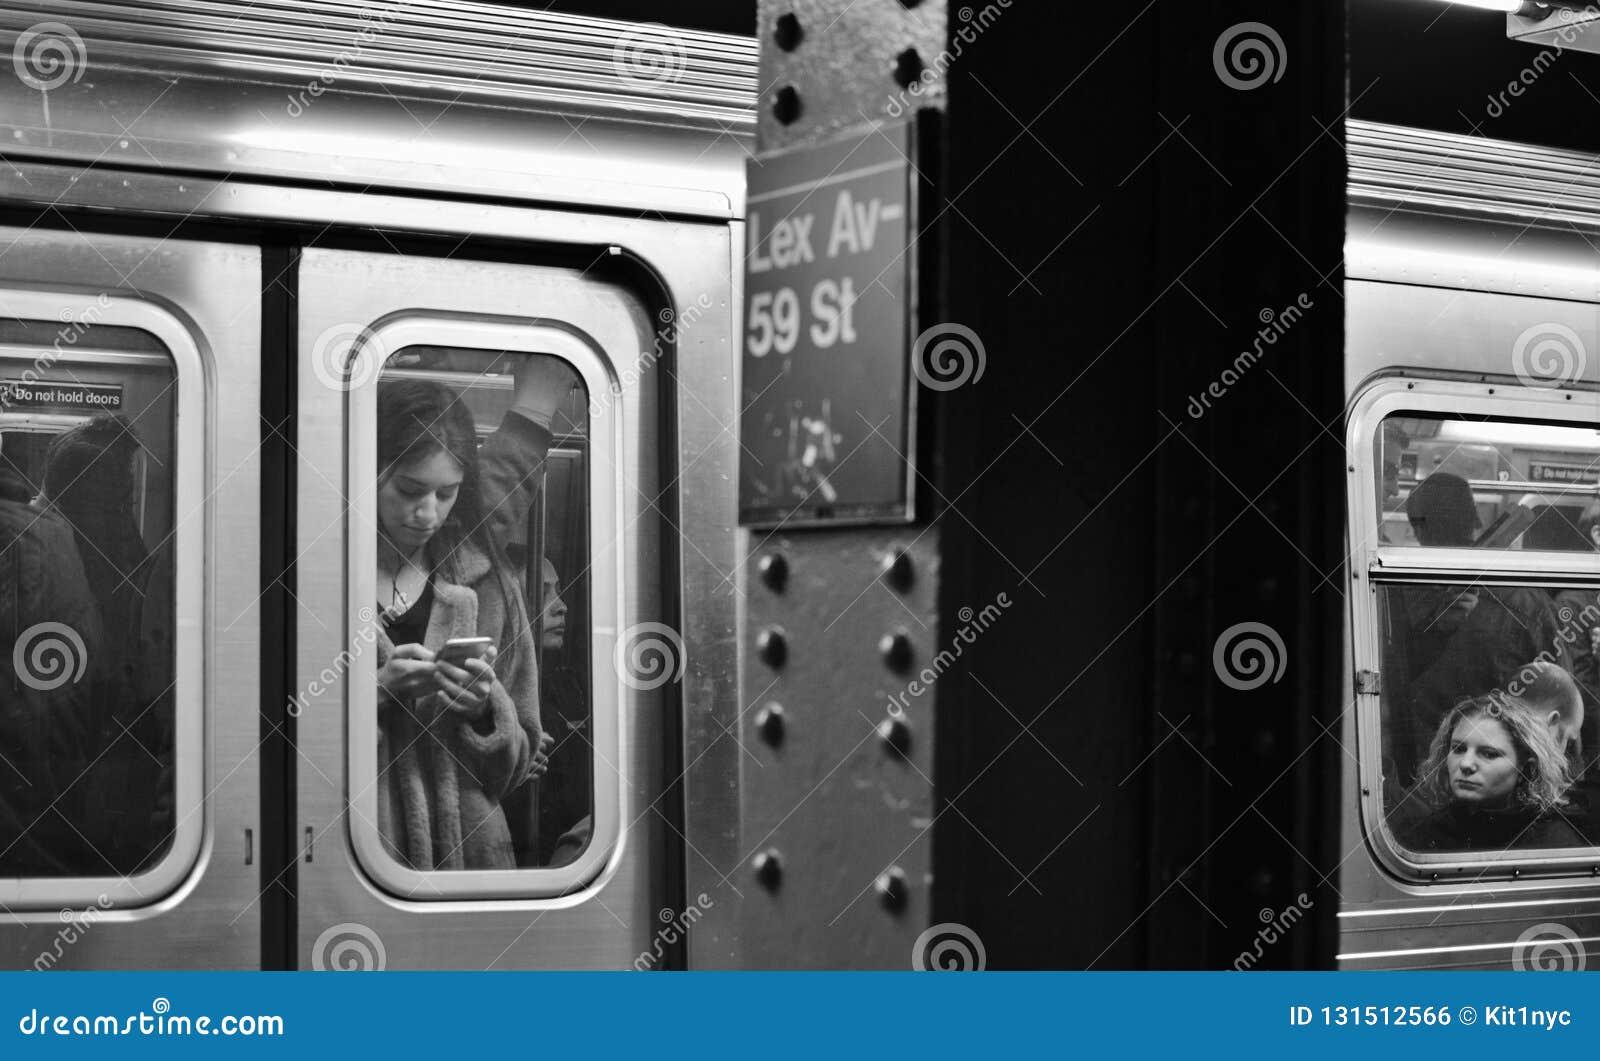 Поезд перехода города Манхэттена бульвара Lexington знака метро NYC расположенный на окраине города приезжая